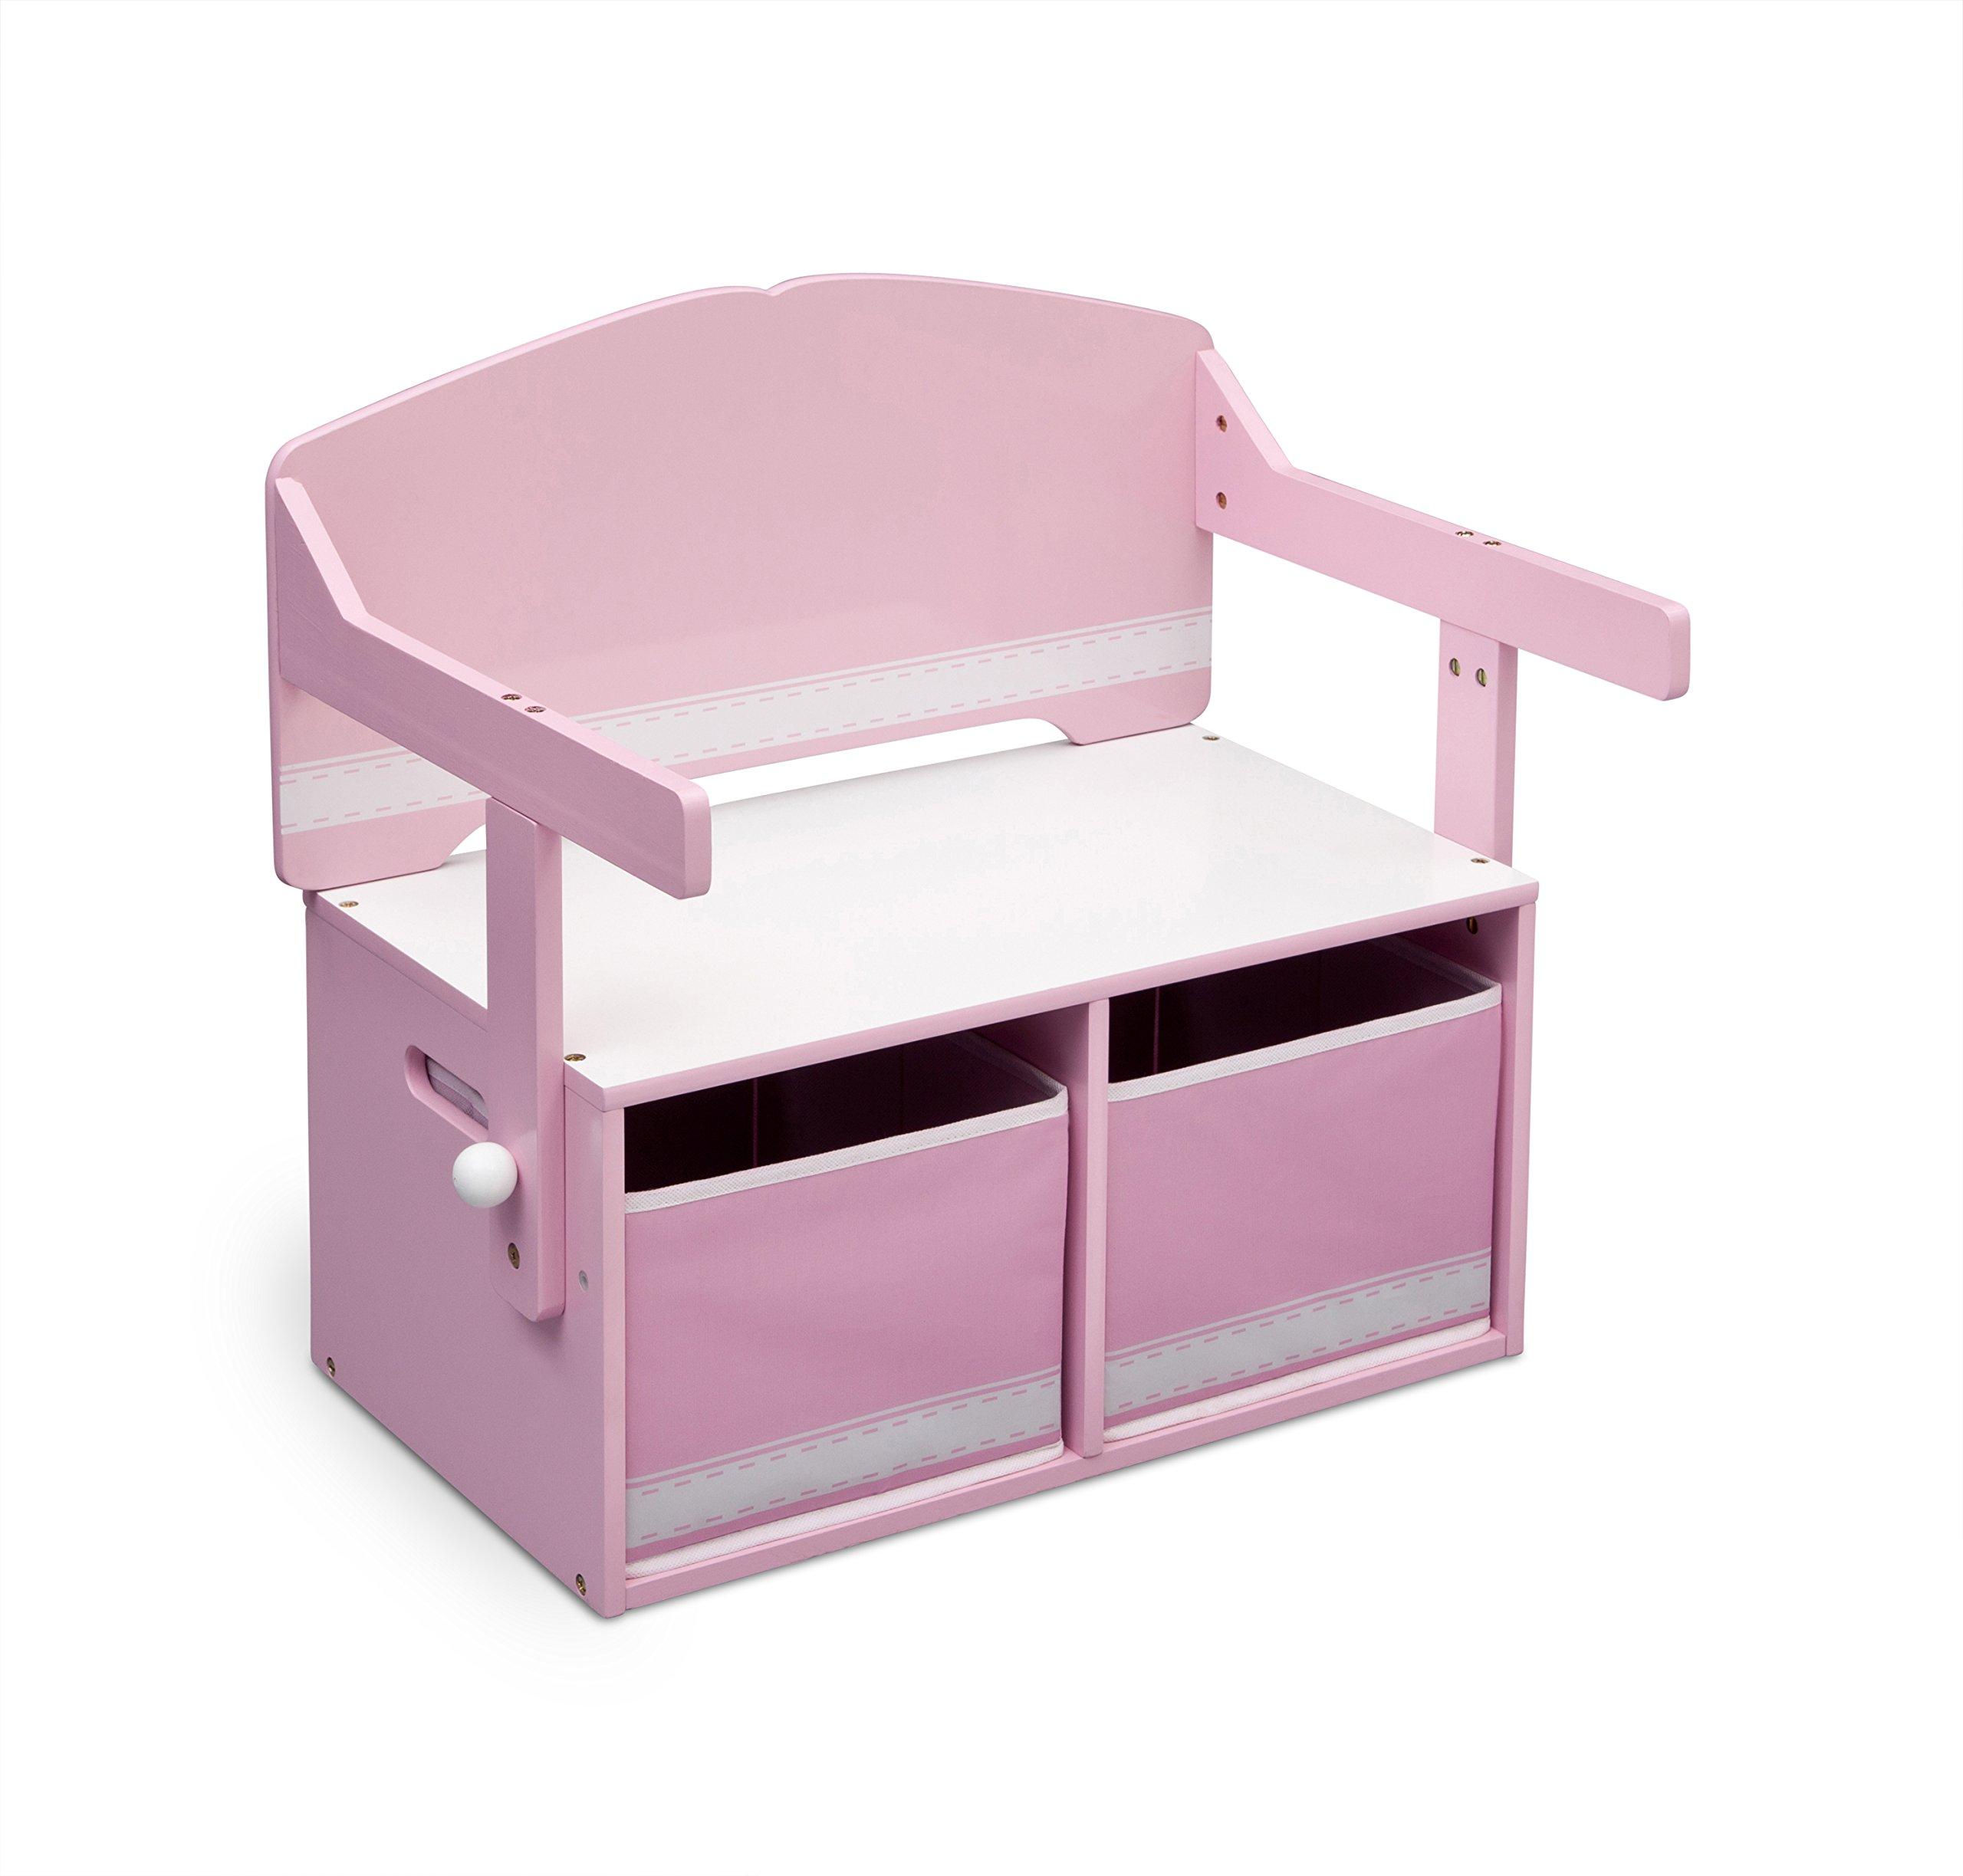 Delta Children 3 In 1 Storage Bench And Desk Pink New Ebay